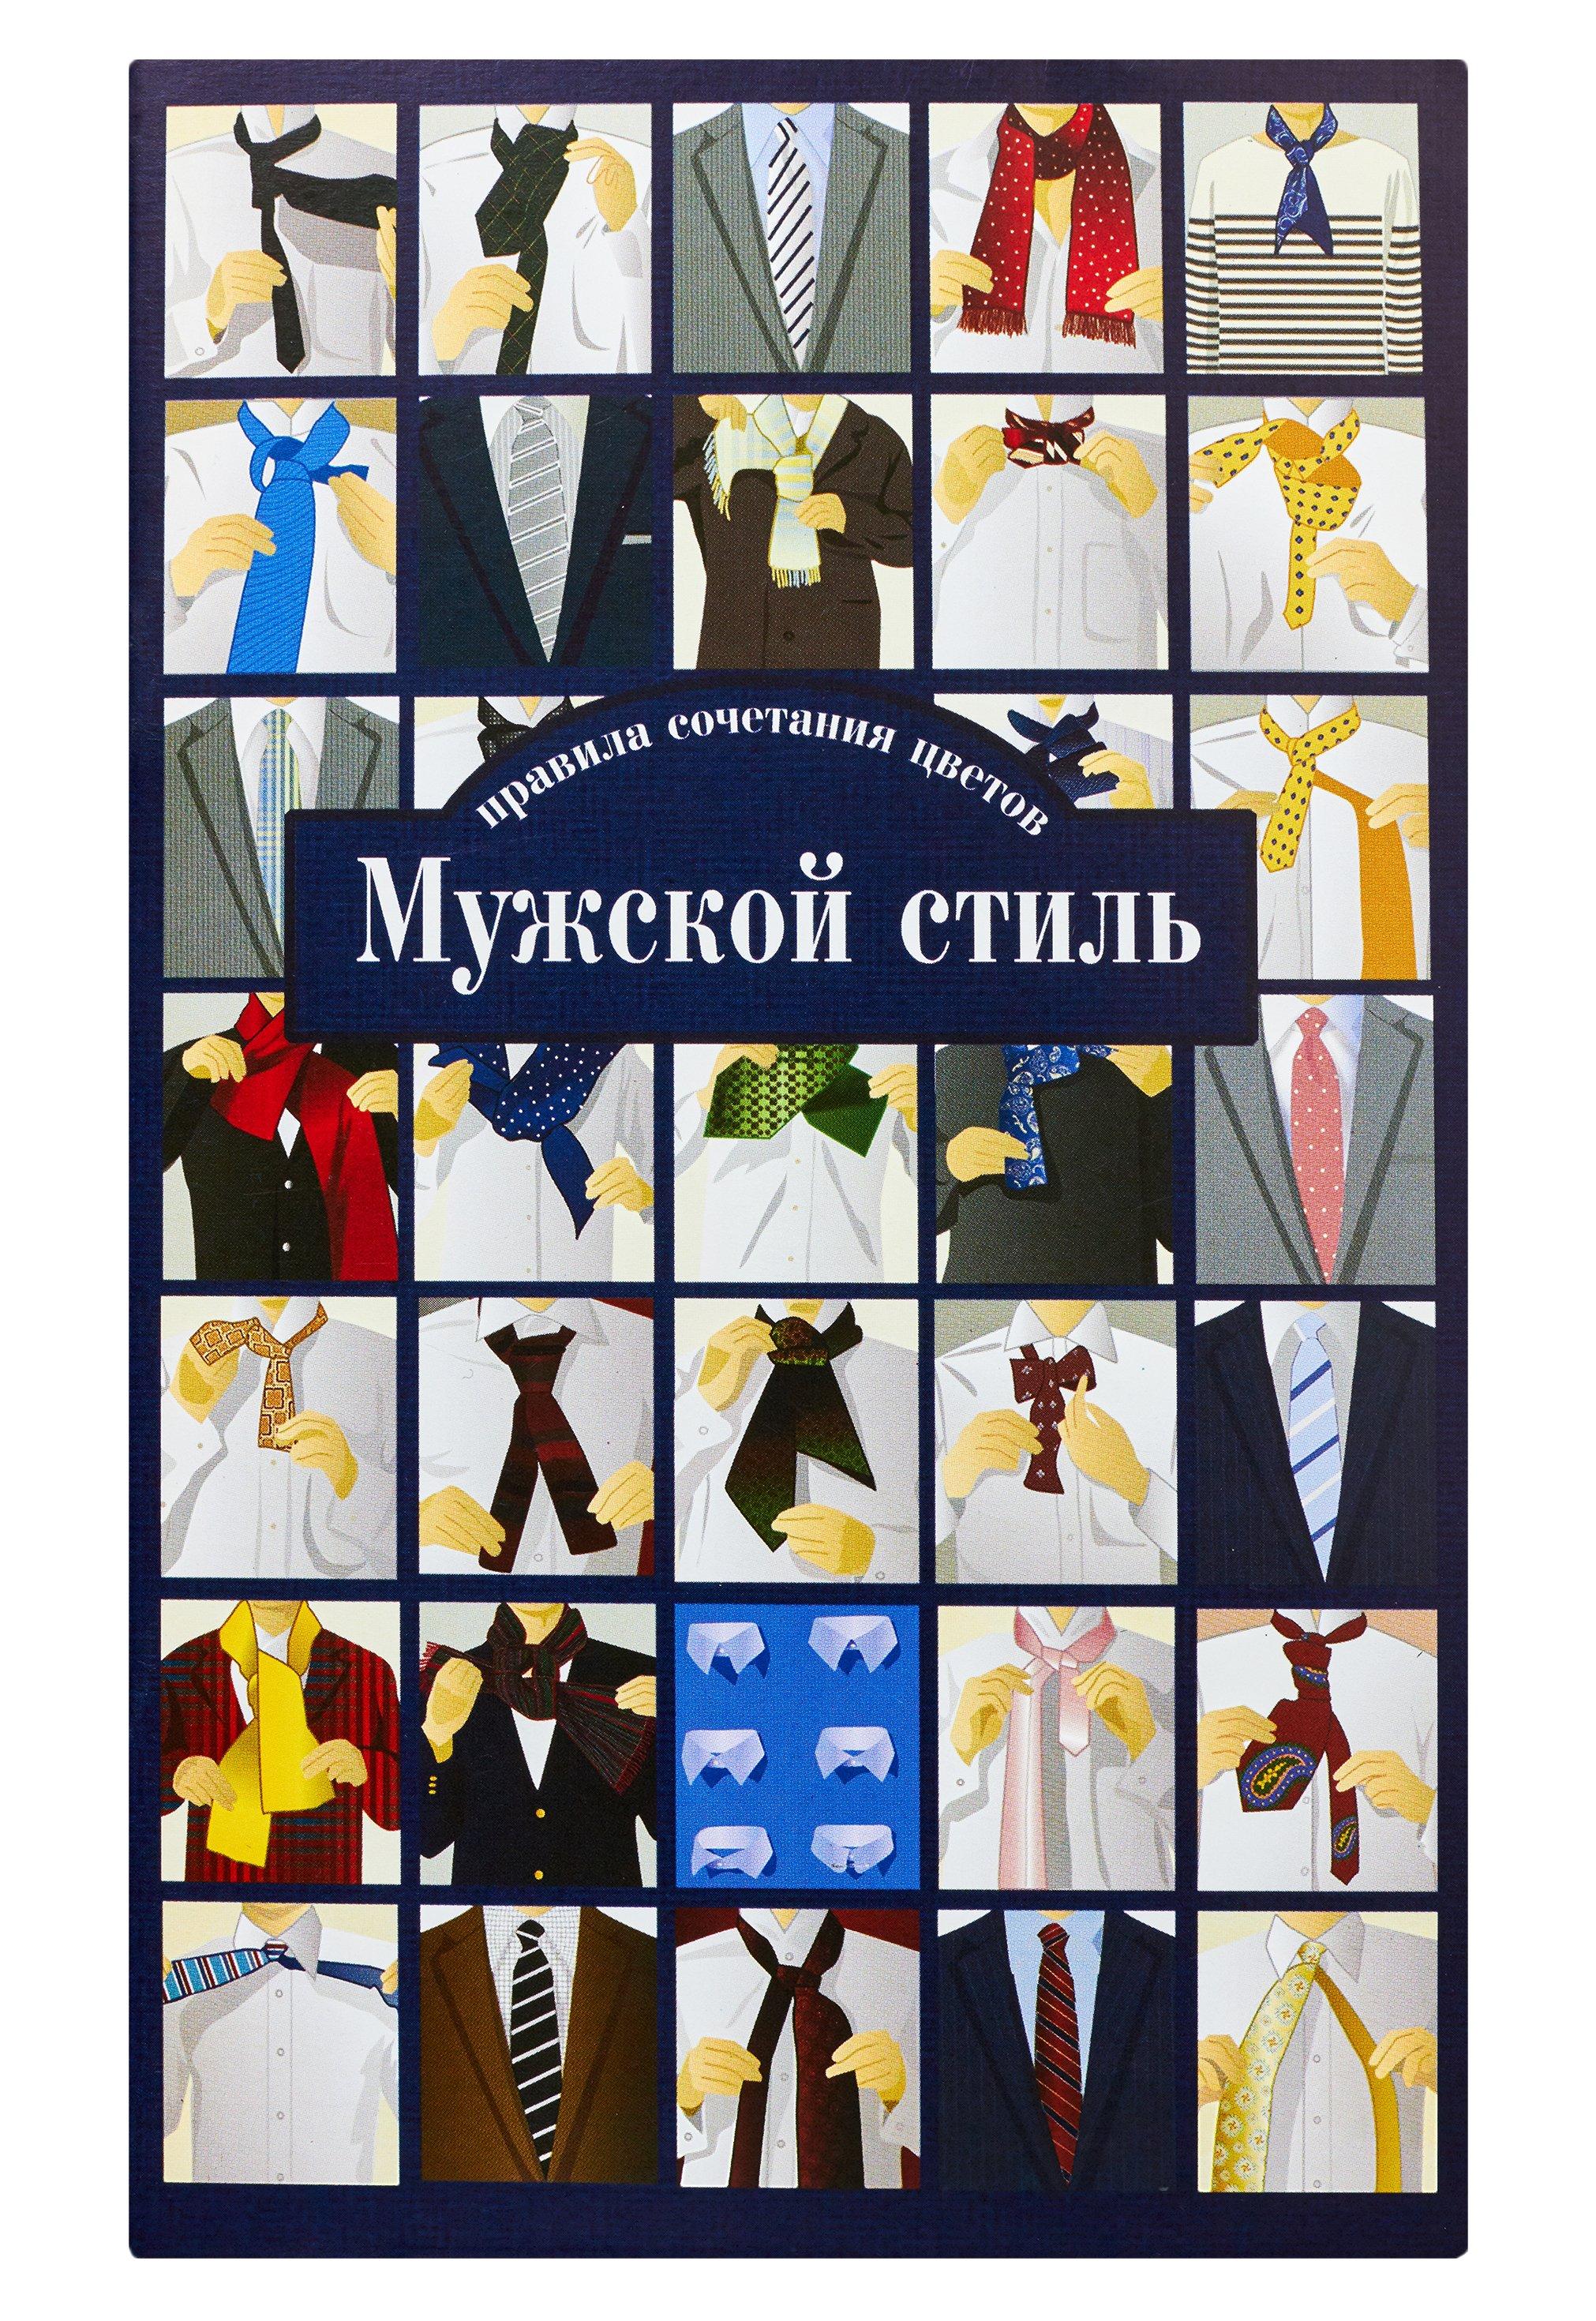 Милушова Р.С. Мужской стиль. Правила сочетания цветов